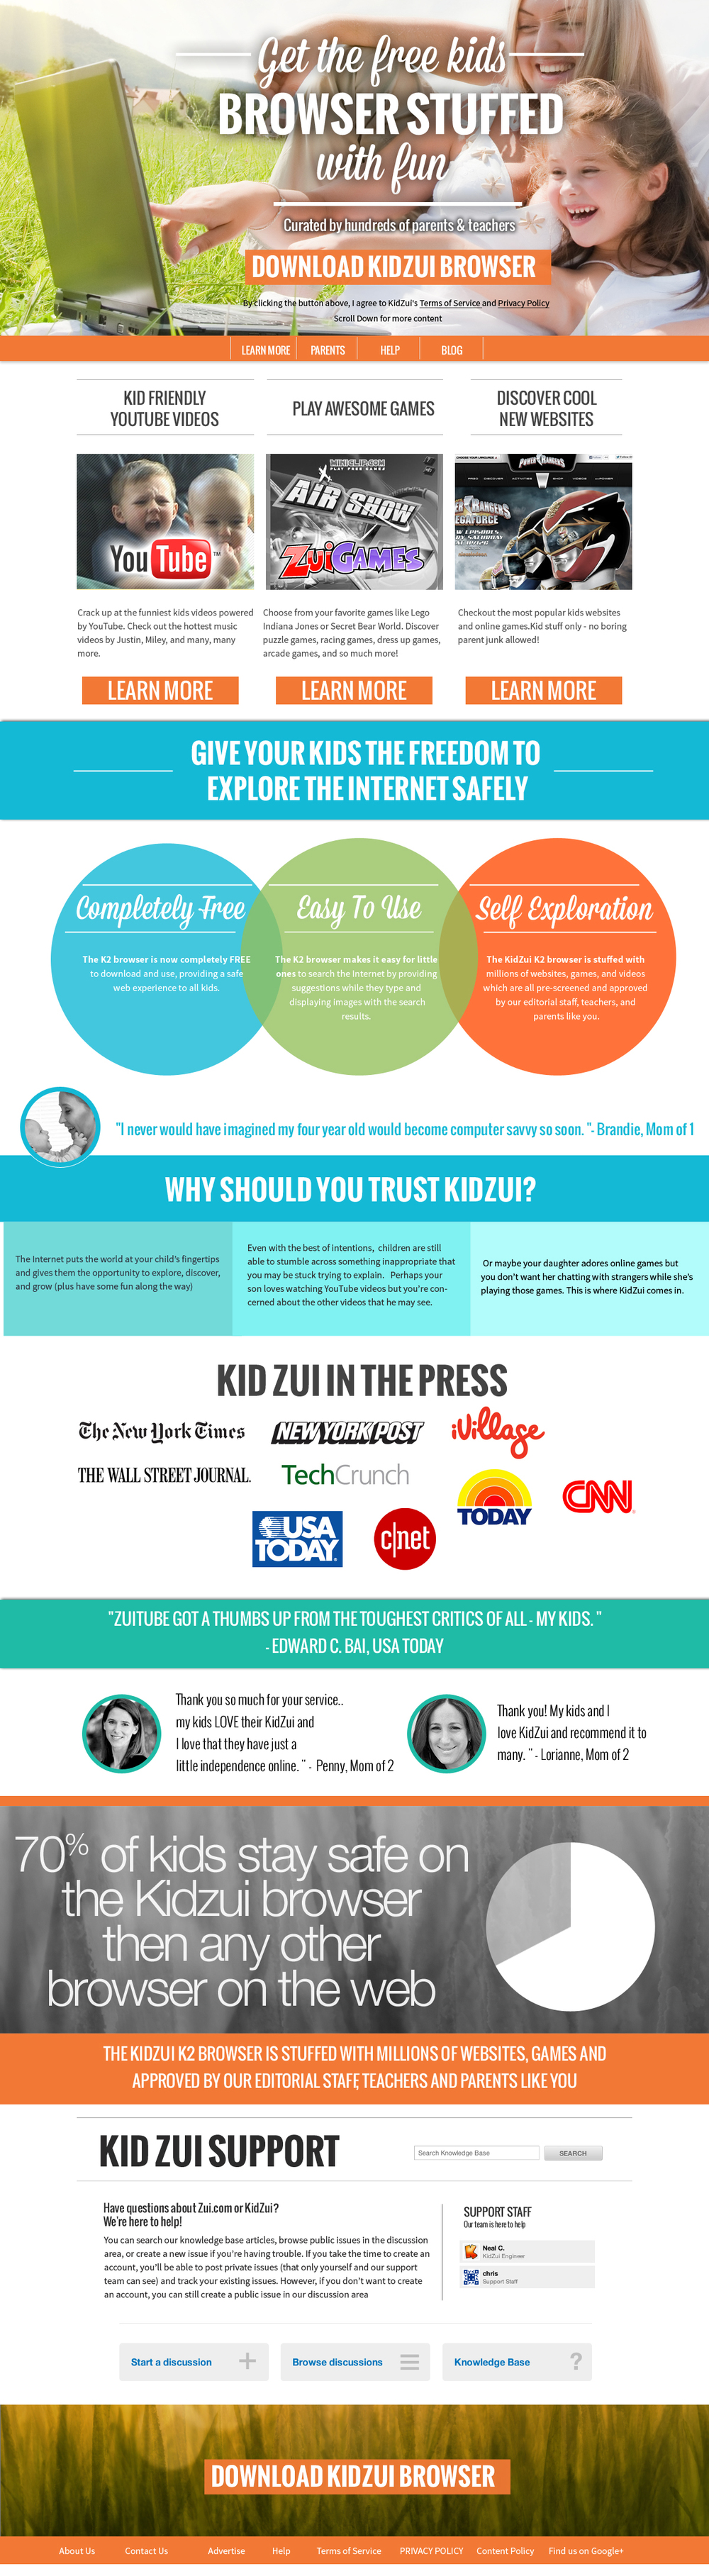 KidZui_Homepage.jpg